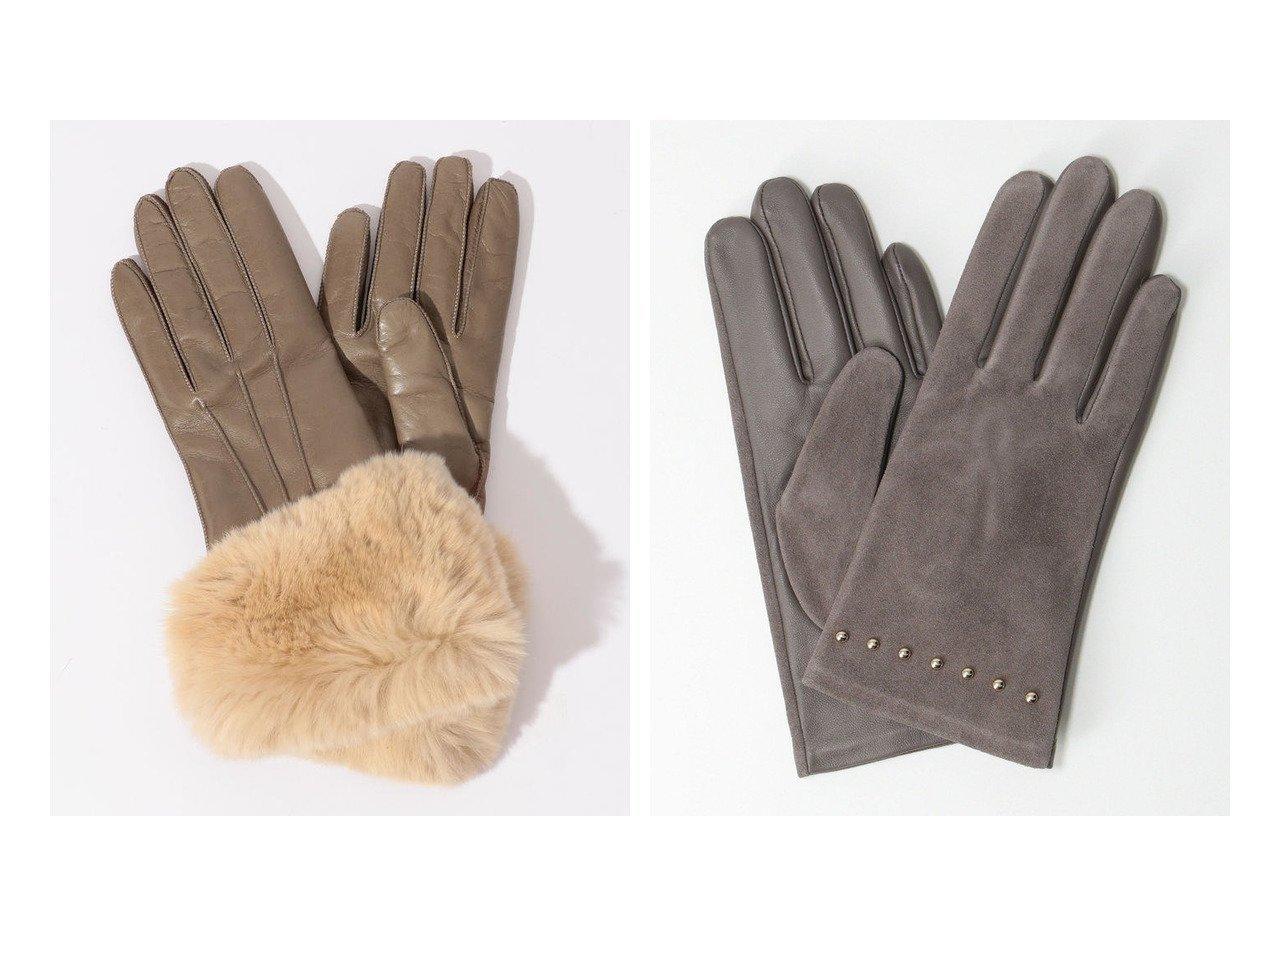 【BEAUTY&YOUTH UNITED ARROWS/ビューティアンド ユースユナイテッドアローズ】のBY レザースタッズグローブ -スマートフォン対応-&【TOMORROWLAND GOODs/トゥモローランド グッズ】のGala Gloves レッキスファーグローブ おすすめ!人気トレンド・レディースファッションの通販  おすすめで人気のファッション通販商品 インテリア・家具・キッズファッション・メンズファッション・レディースファッション・服の通販 founy(ファニー) https://founy.com/ ファッション Fashion レディース WOMEN 手袋 Gloves A/W 秋冬 Autumn &  Winter イタリア 冬 Winter エレガント スエード スタッズ スマート フェイクファー  ID:crp329100000006643